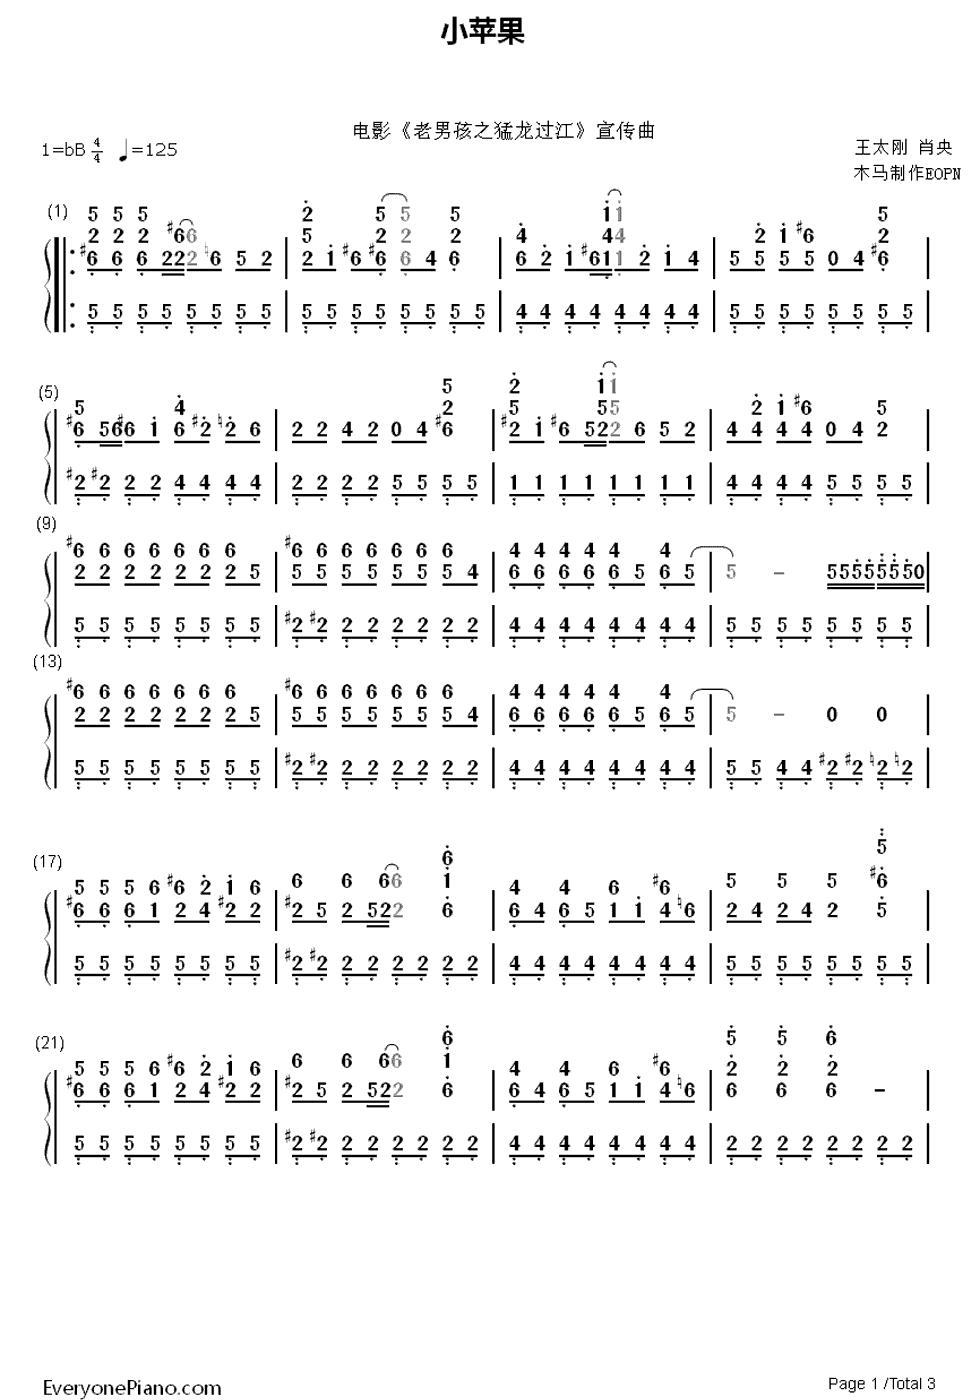 电子琴简谱纯数字 现在流行的歌曲图片